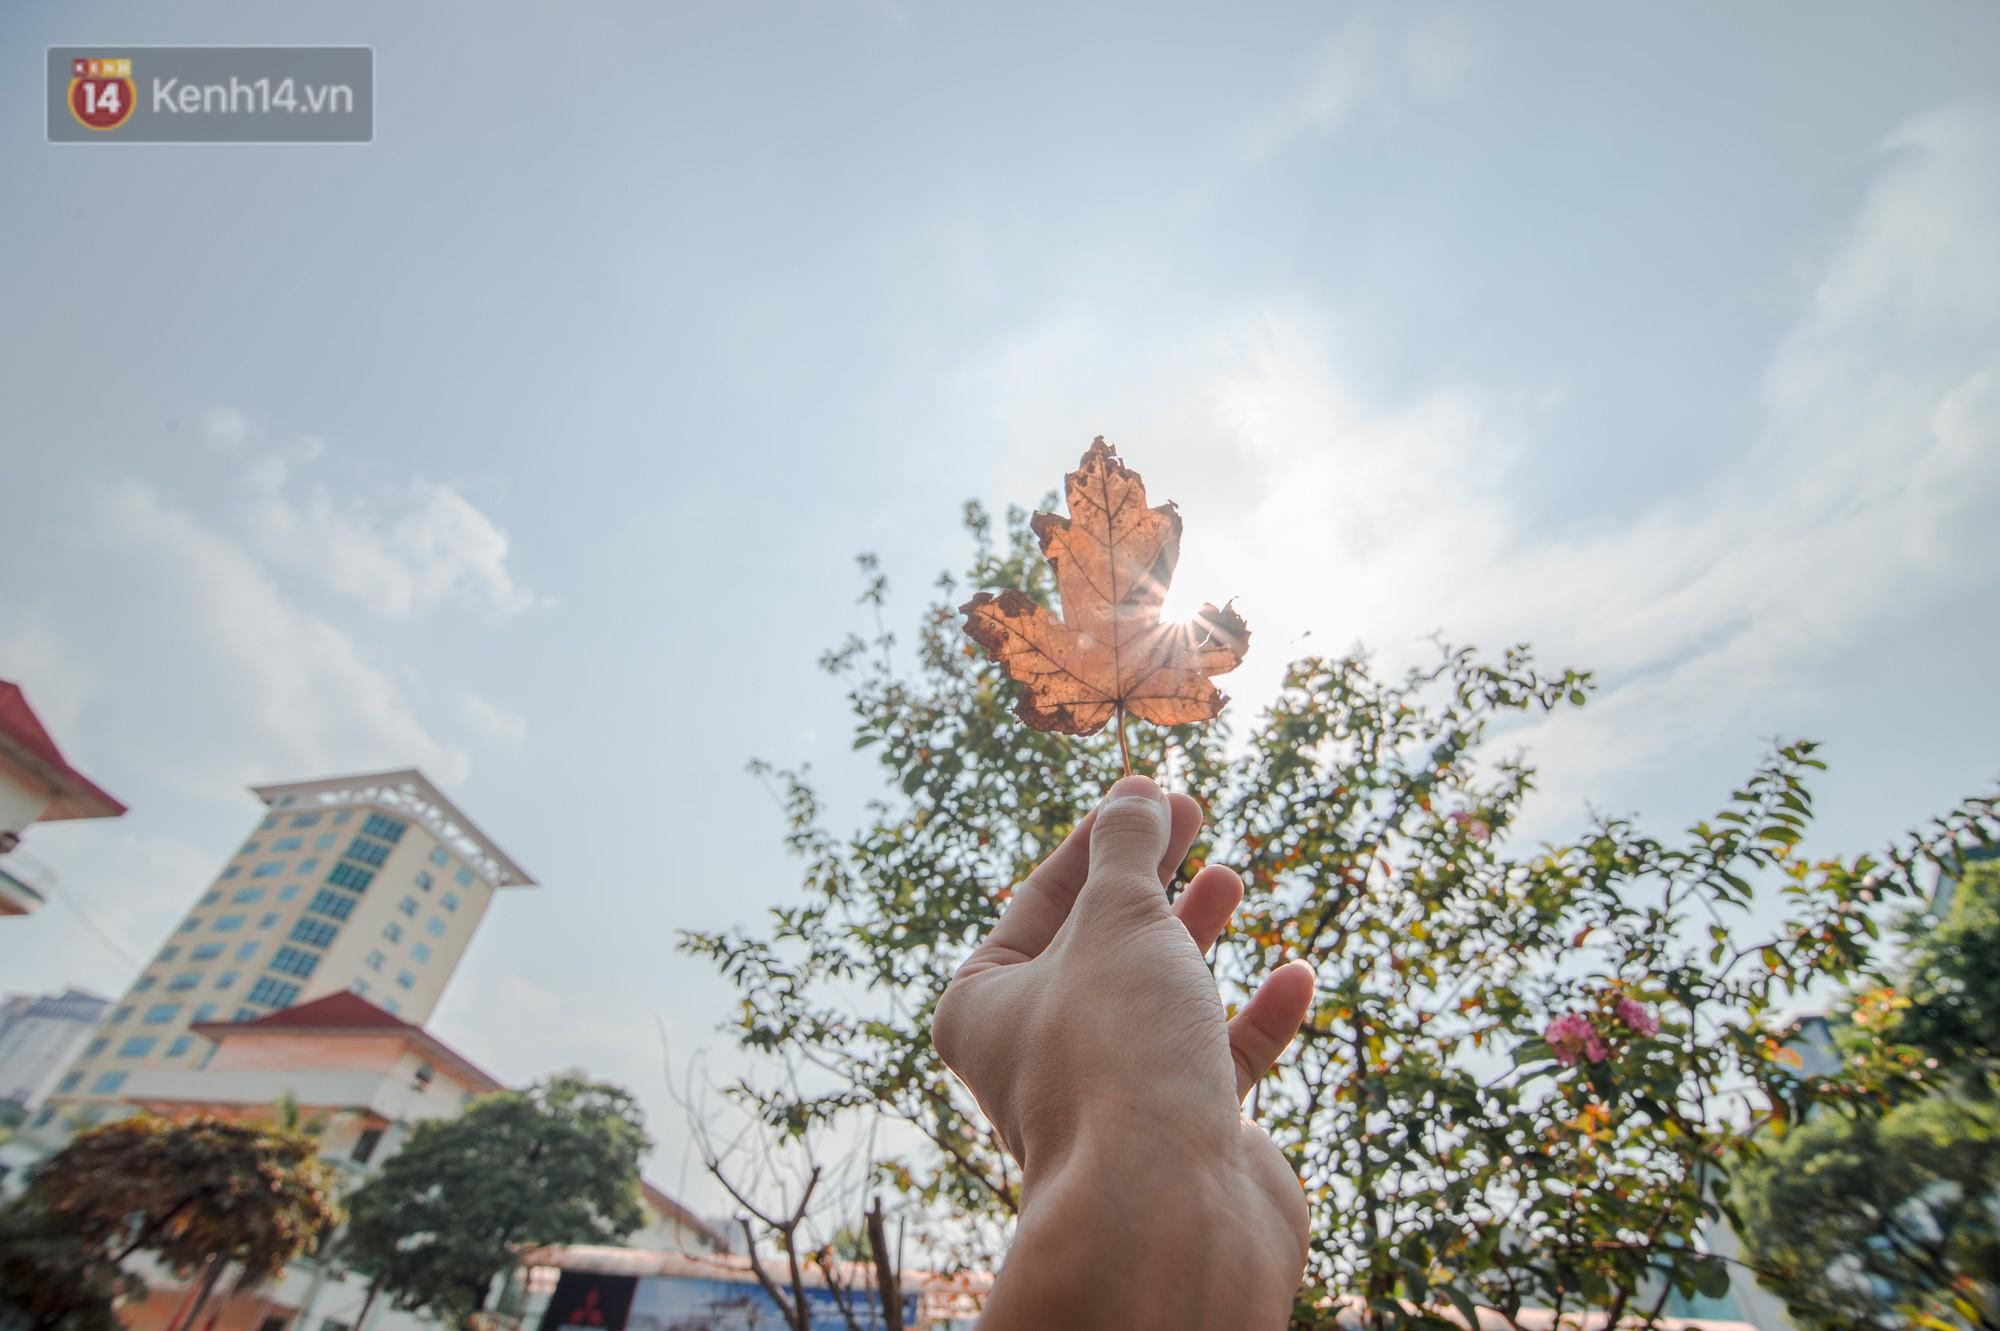 Hàng cây phong lá đỏ củi khô trước đây đã nhuộm sắc vàng đầu thu Hà Nội - Ảnh 10.